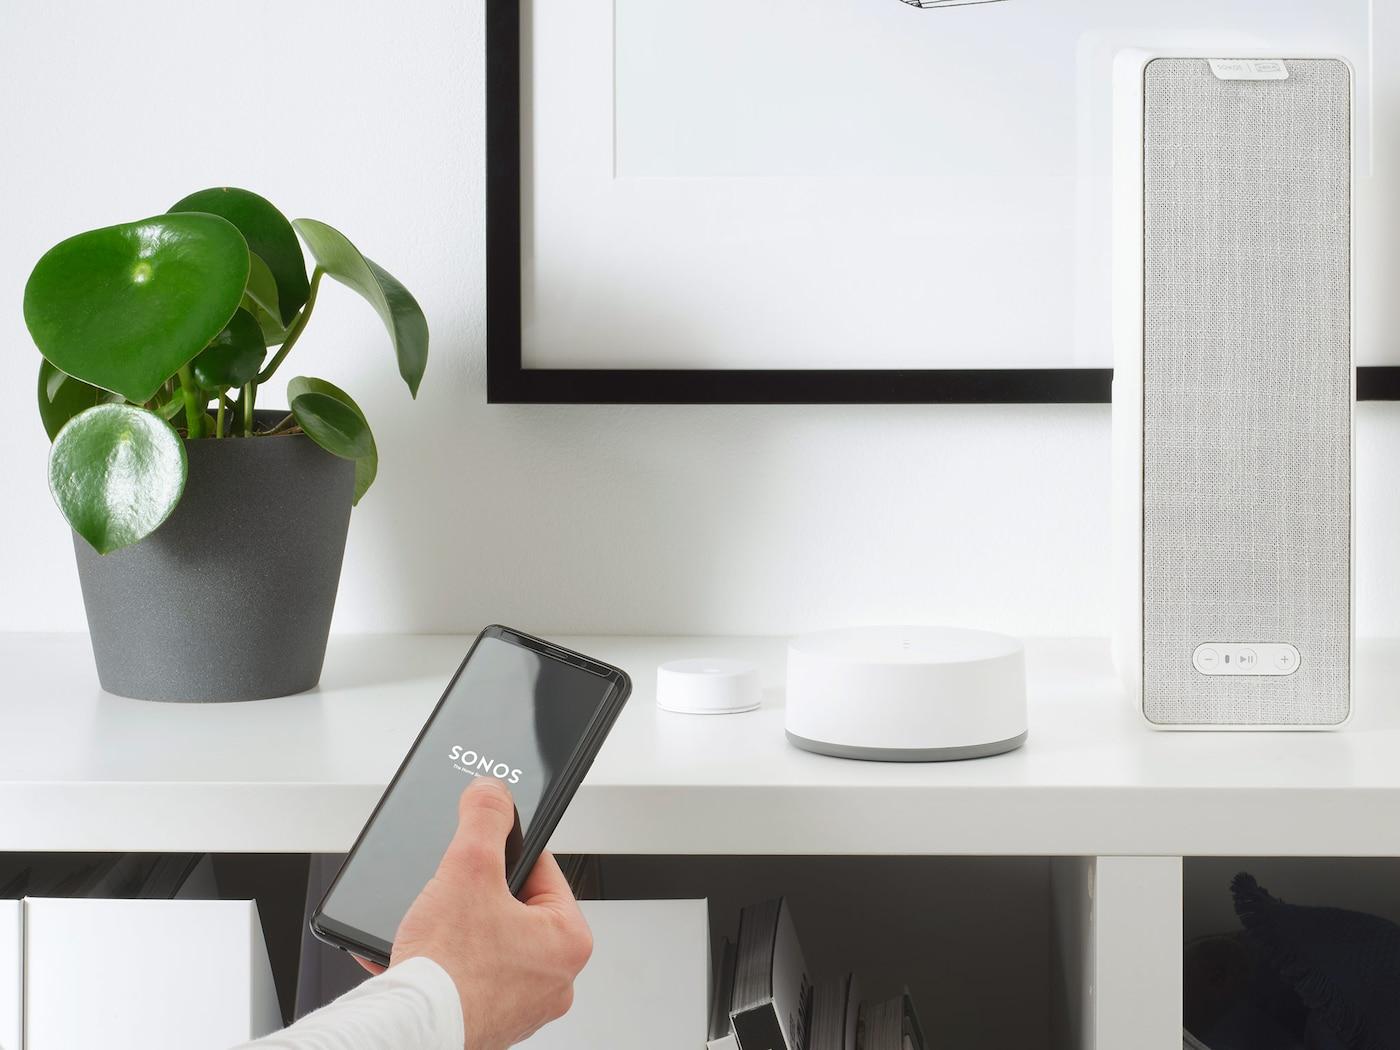 Witte SYMFONISK wifispeaker staat op een boekenkast in een woonkamerinterieur.